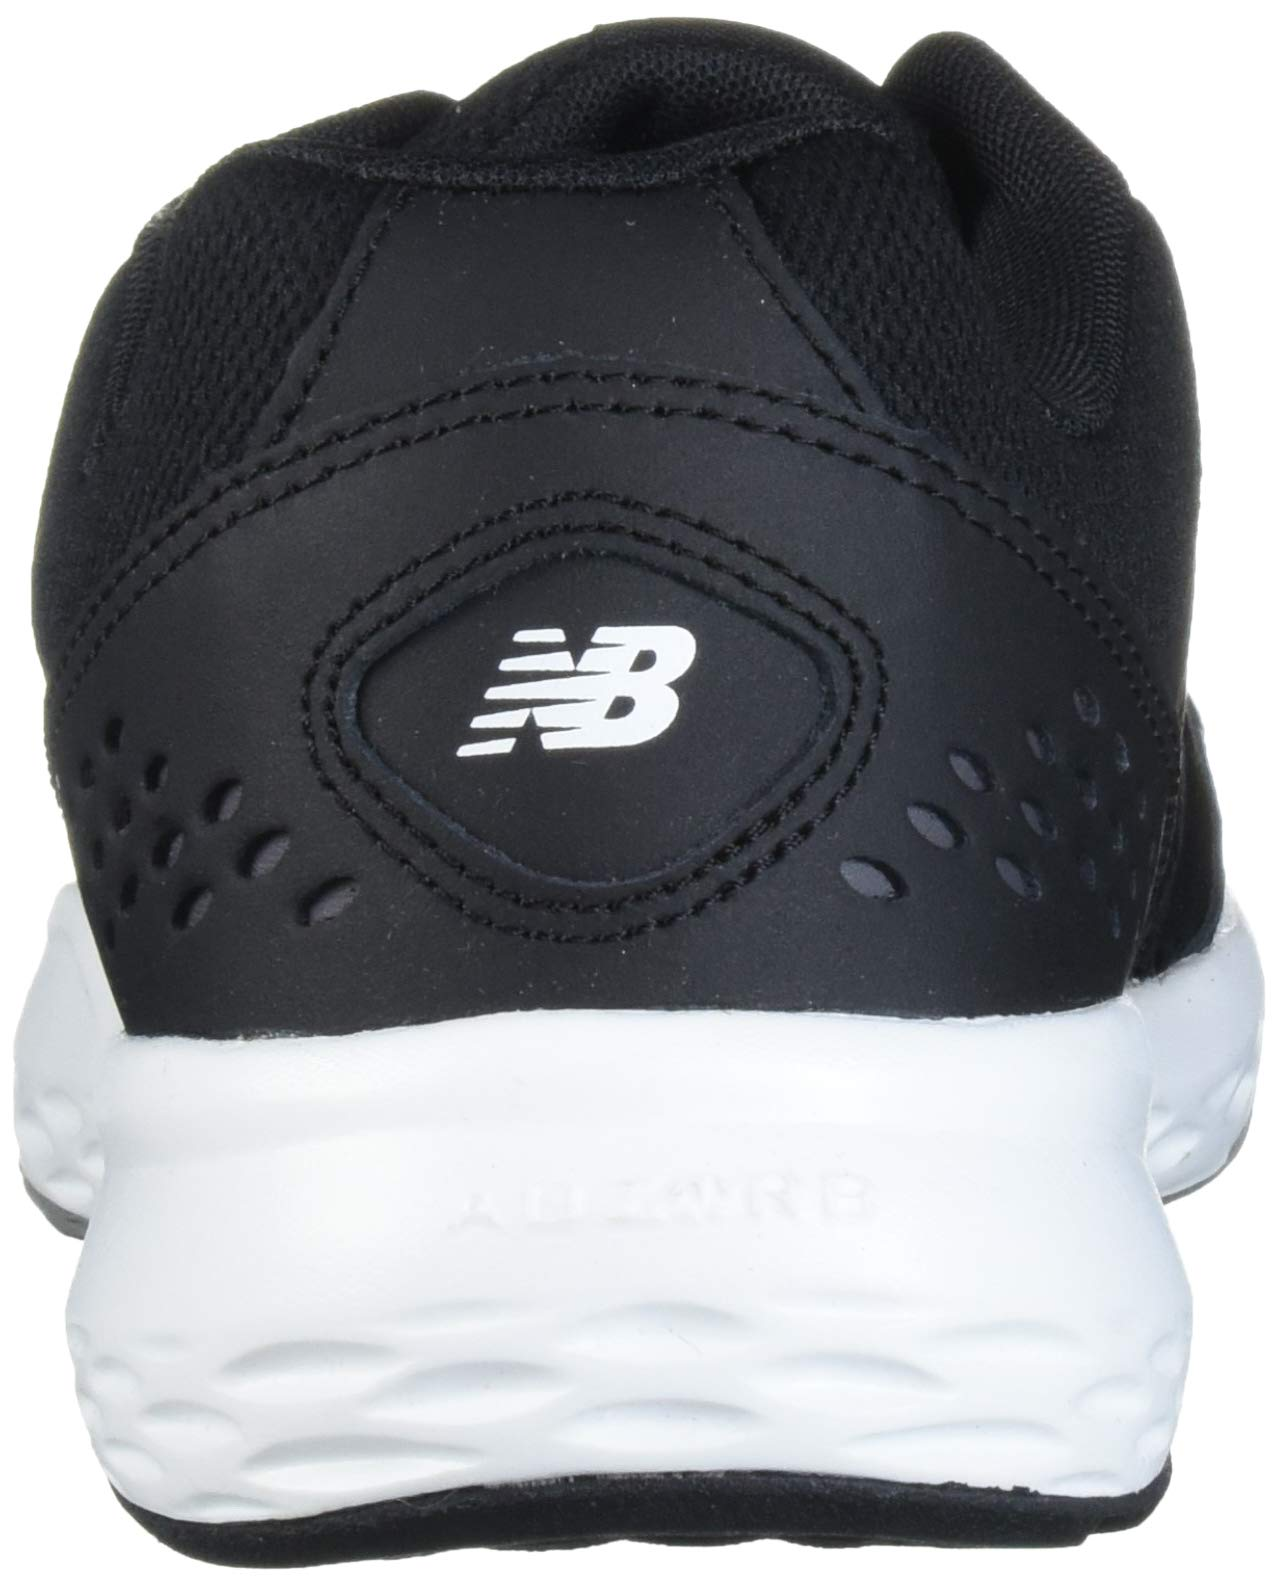 New Balance Men's 517v2 Cross Trainer, Black/White, 10 M US